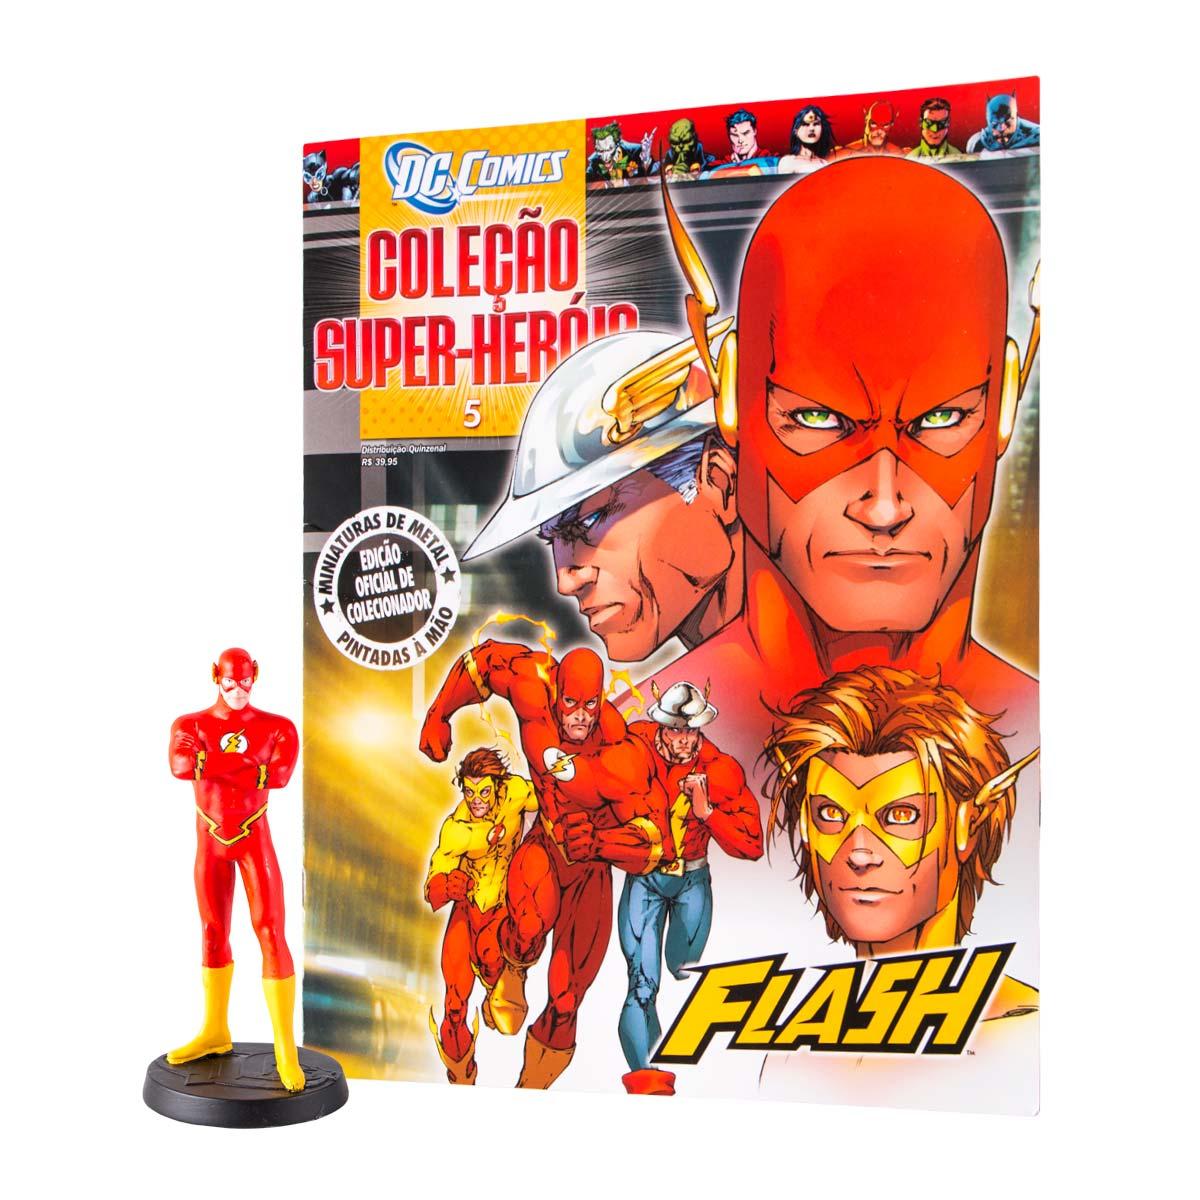 Boneco Miniatura The Flash + Revista